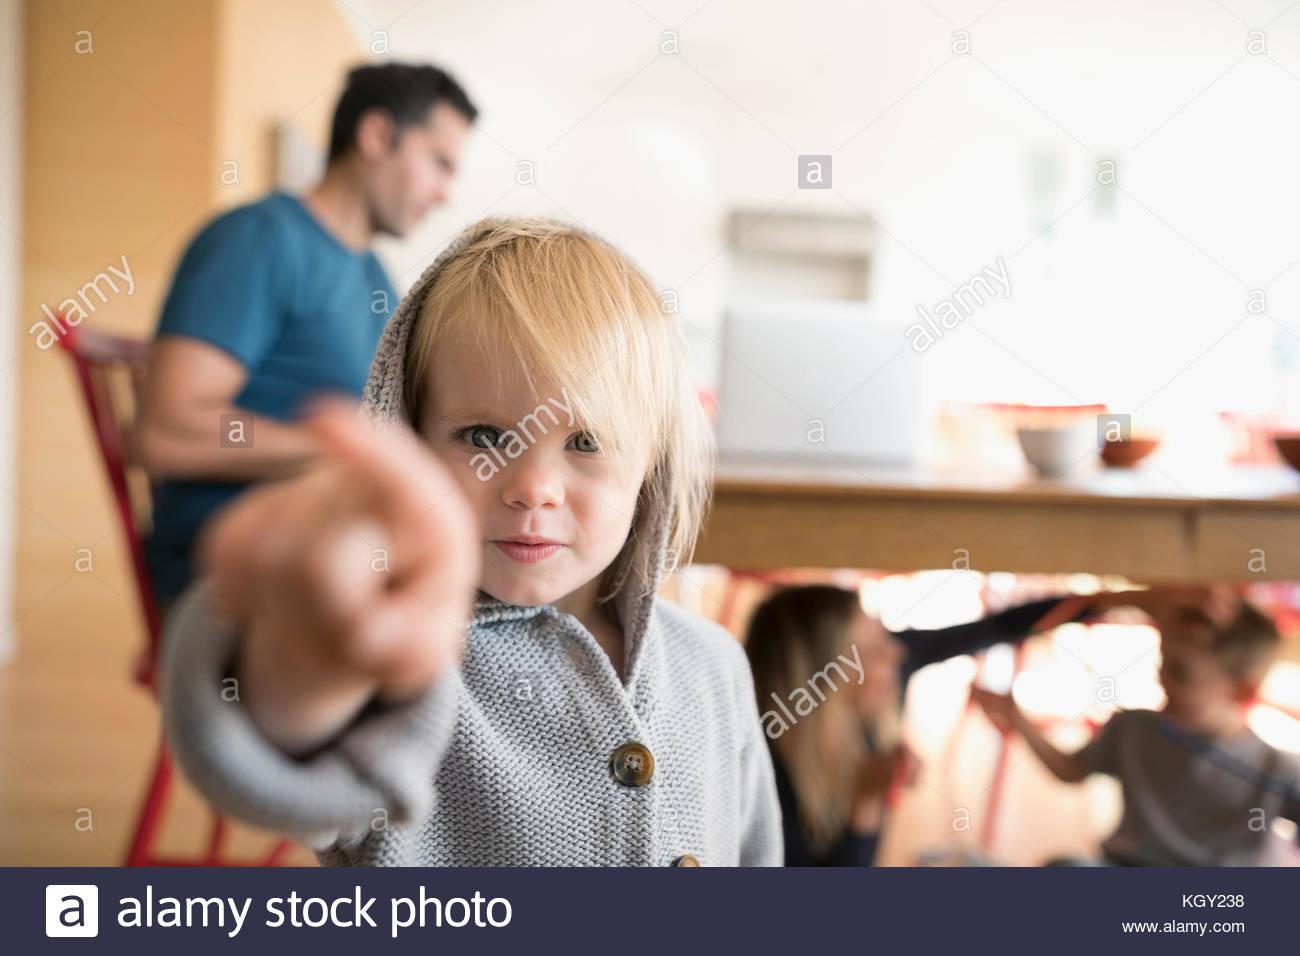 Retrato menina loira sério toddler apontando Imagens de Stock